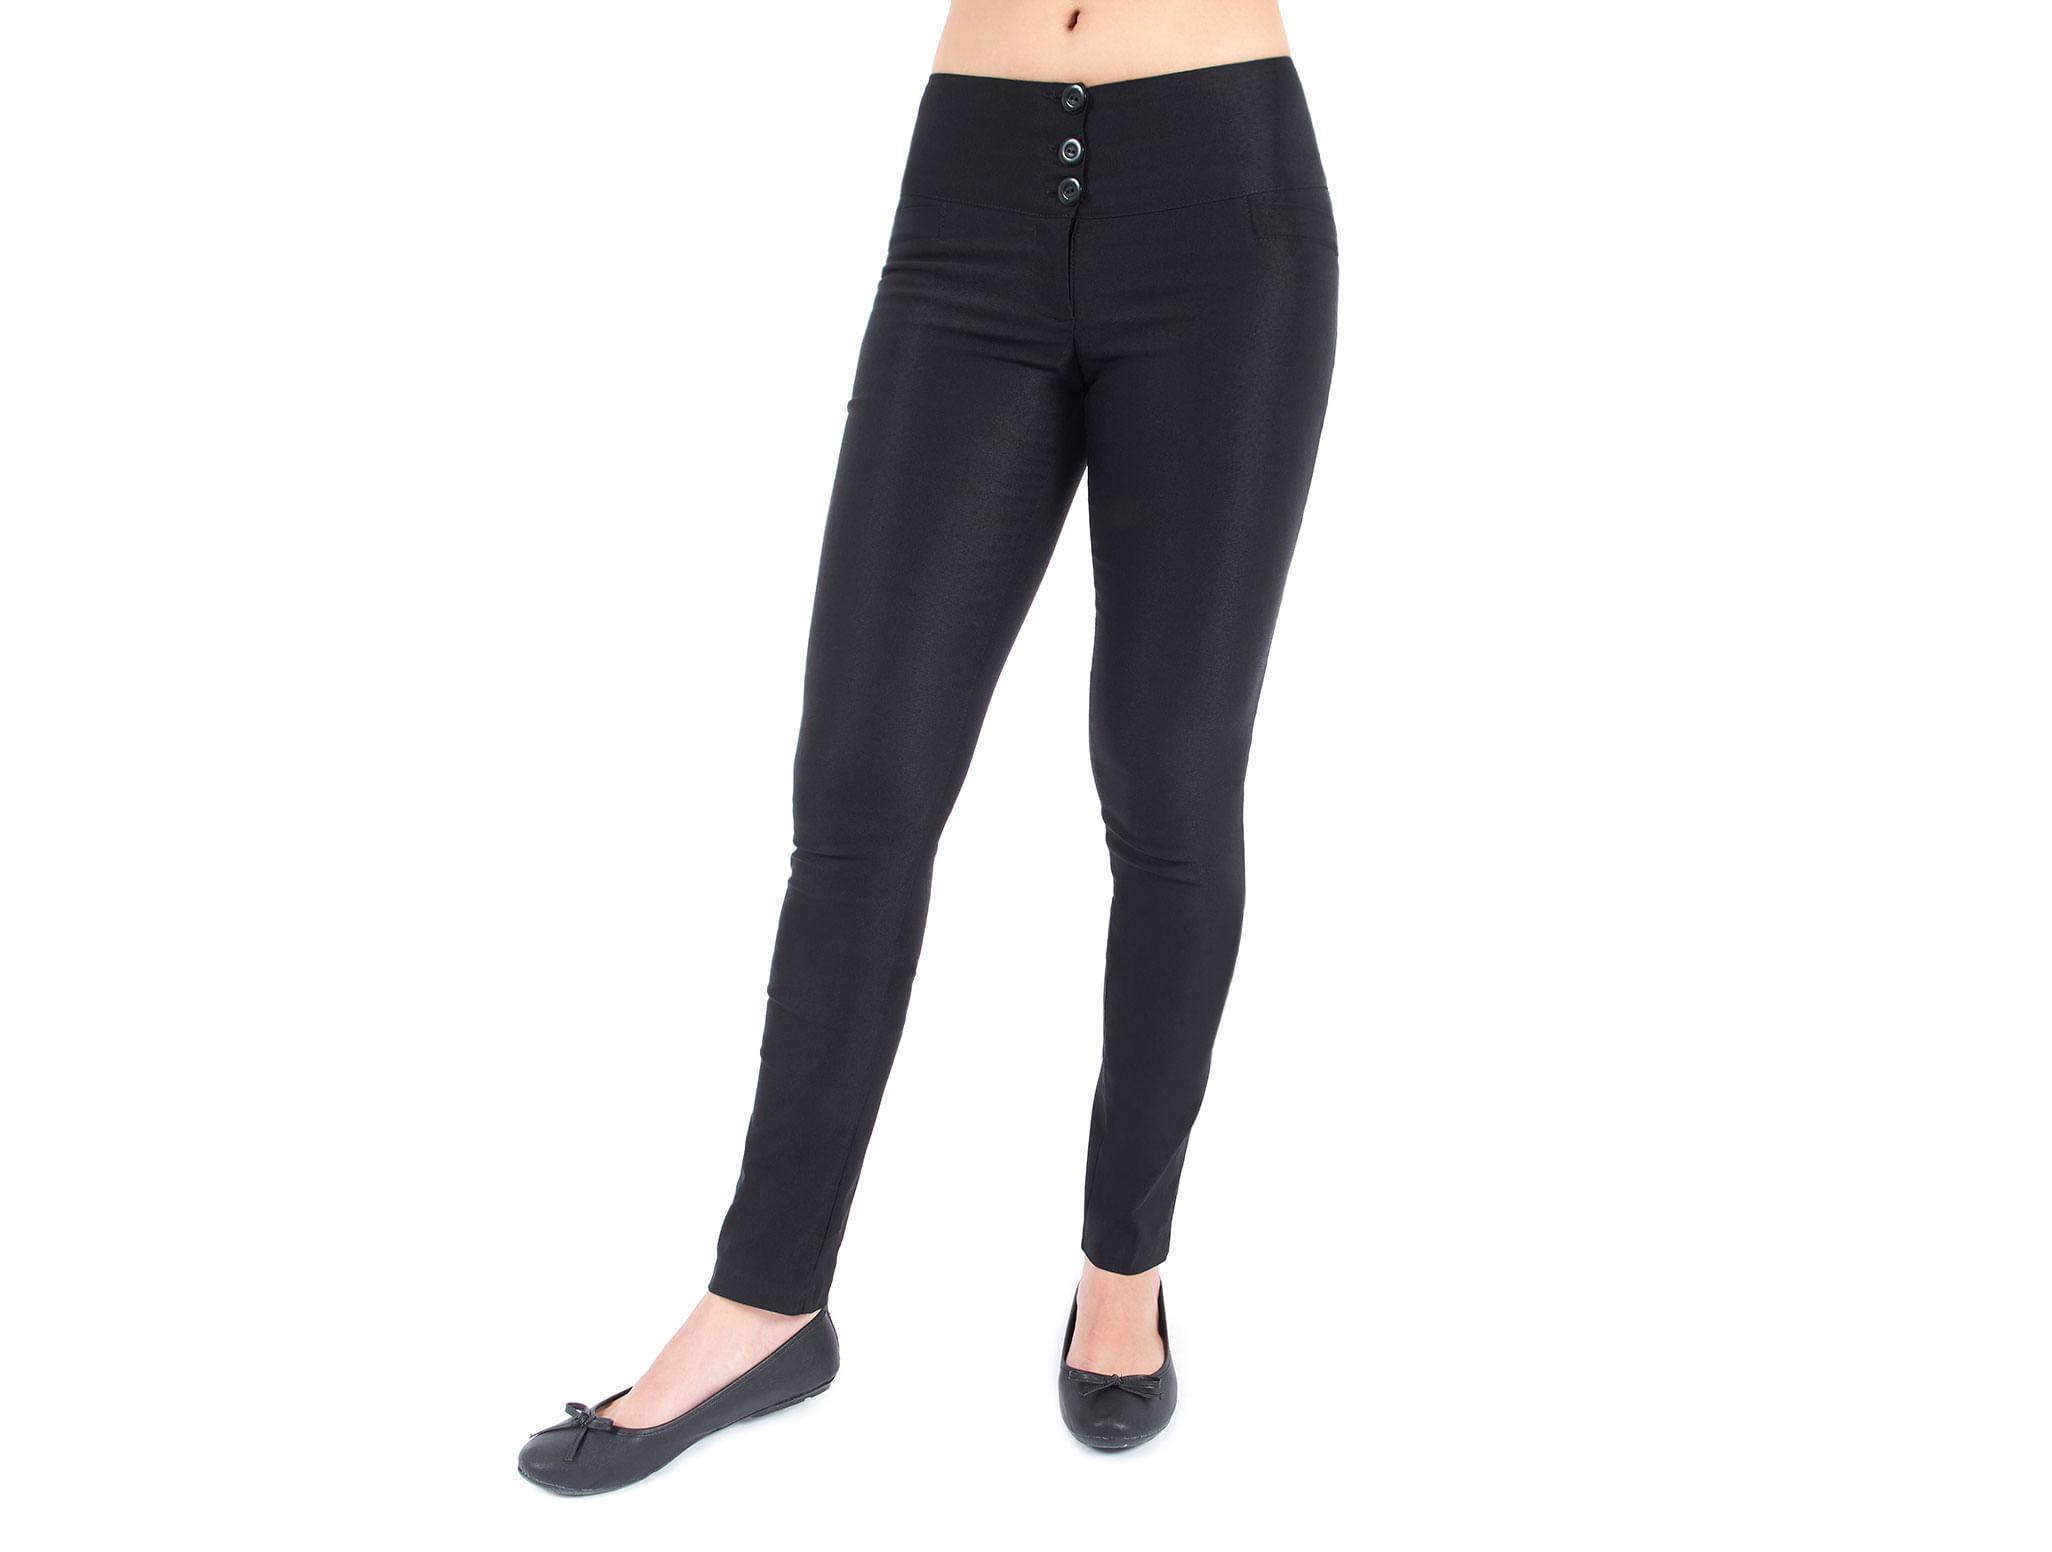 Pantalon Moda Jazmin Entubado Stretch Para Mujer 1753 Surtidoradepartamental